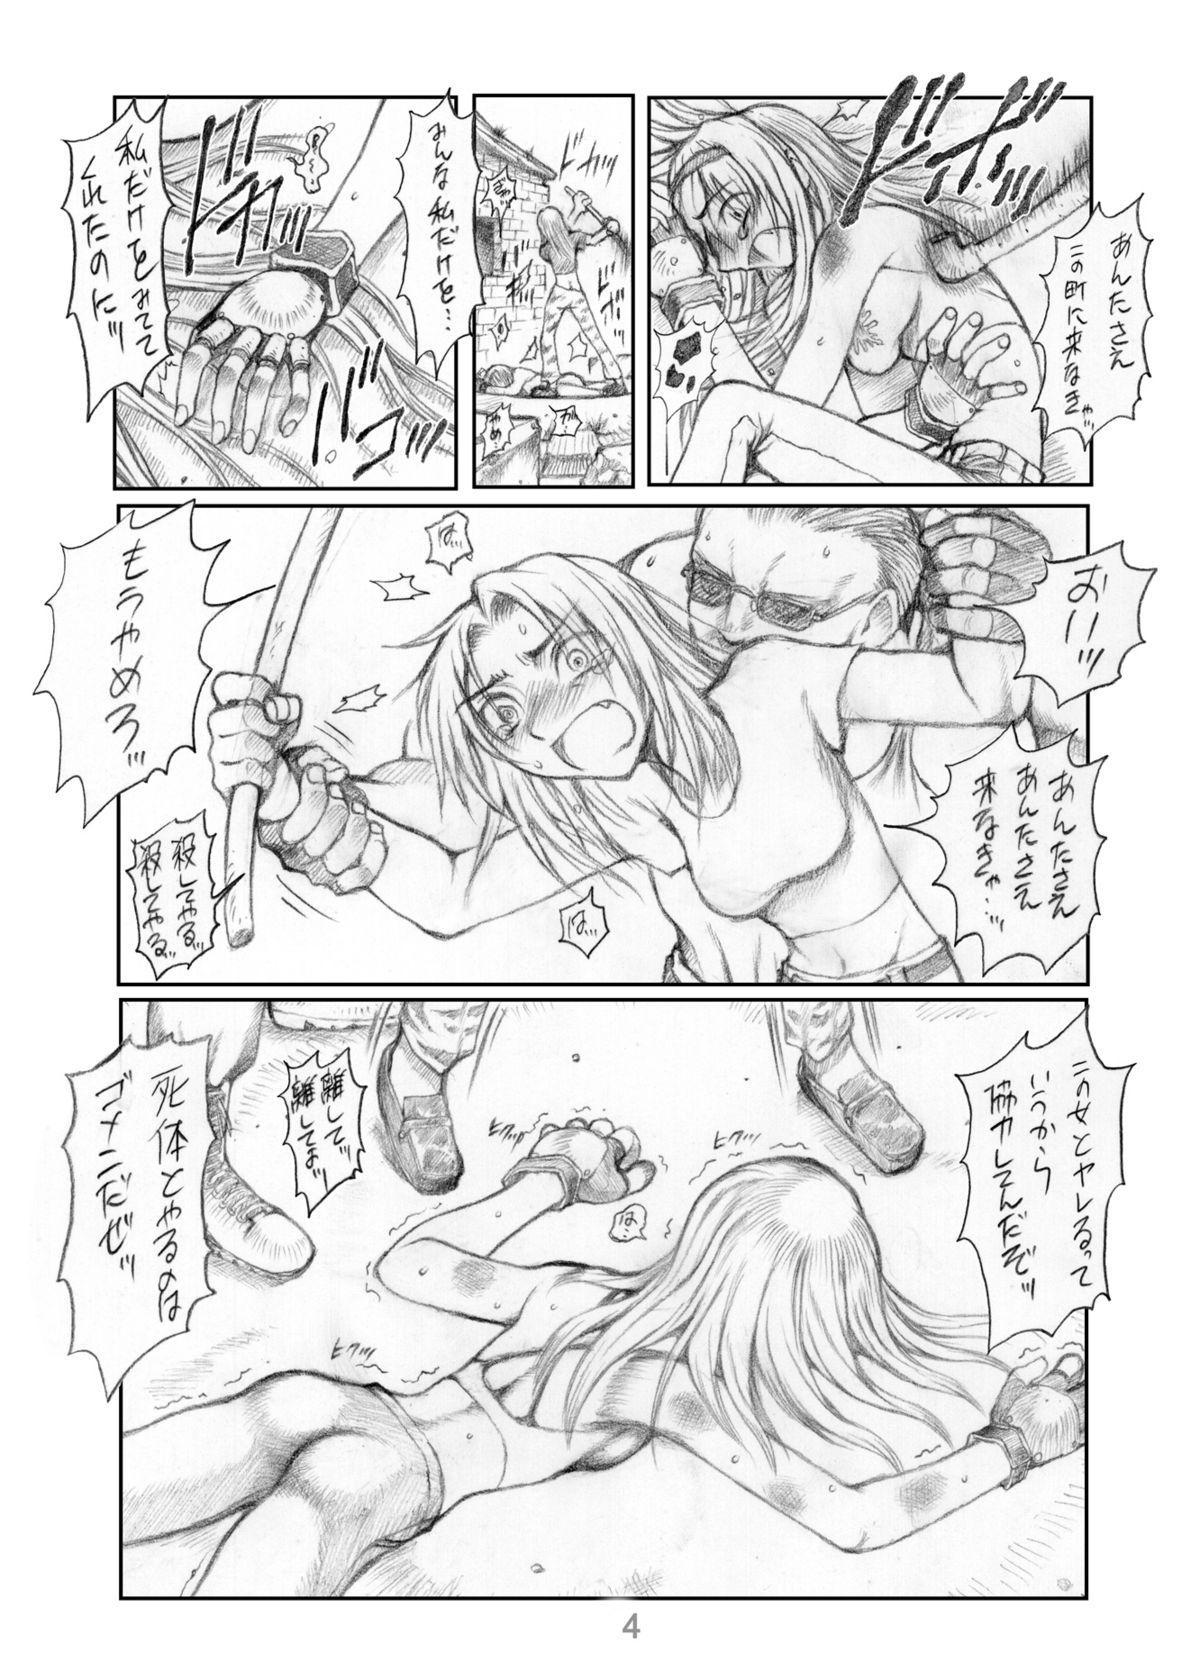 Ruku-Pusyu Sakuhin Shuu 5